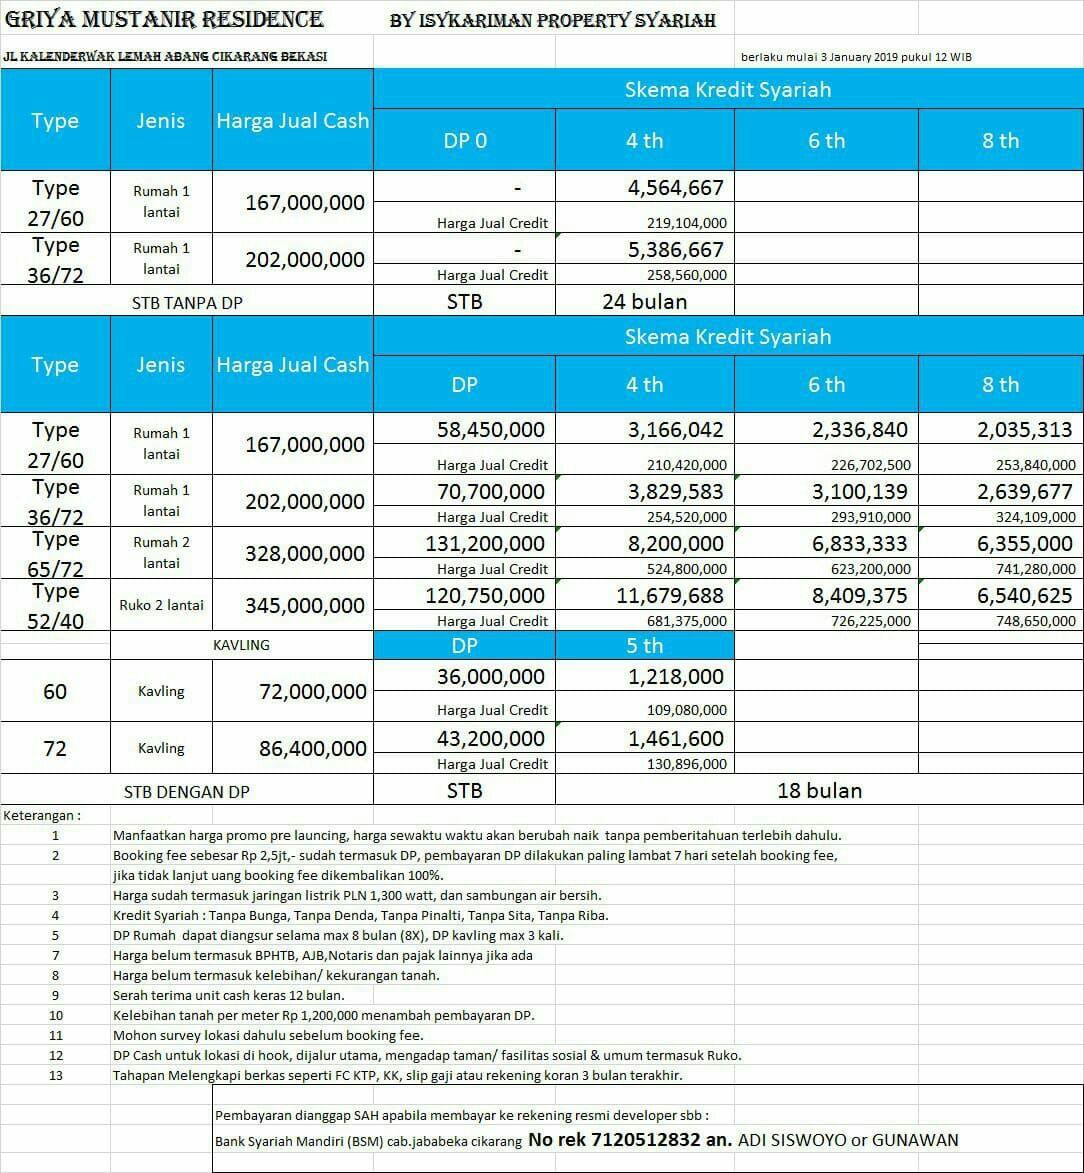 Rumah Properti KPR Syariah Murah Tanpa Bank Jakarta Bogor